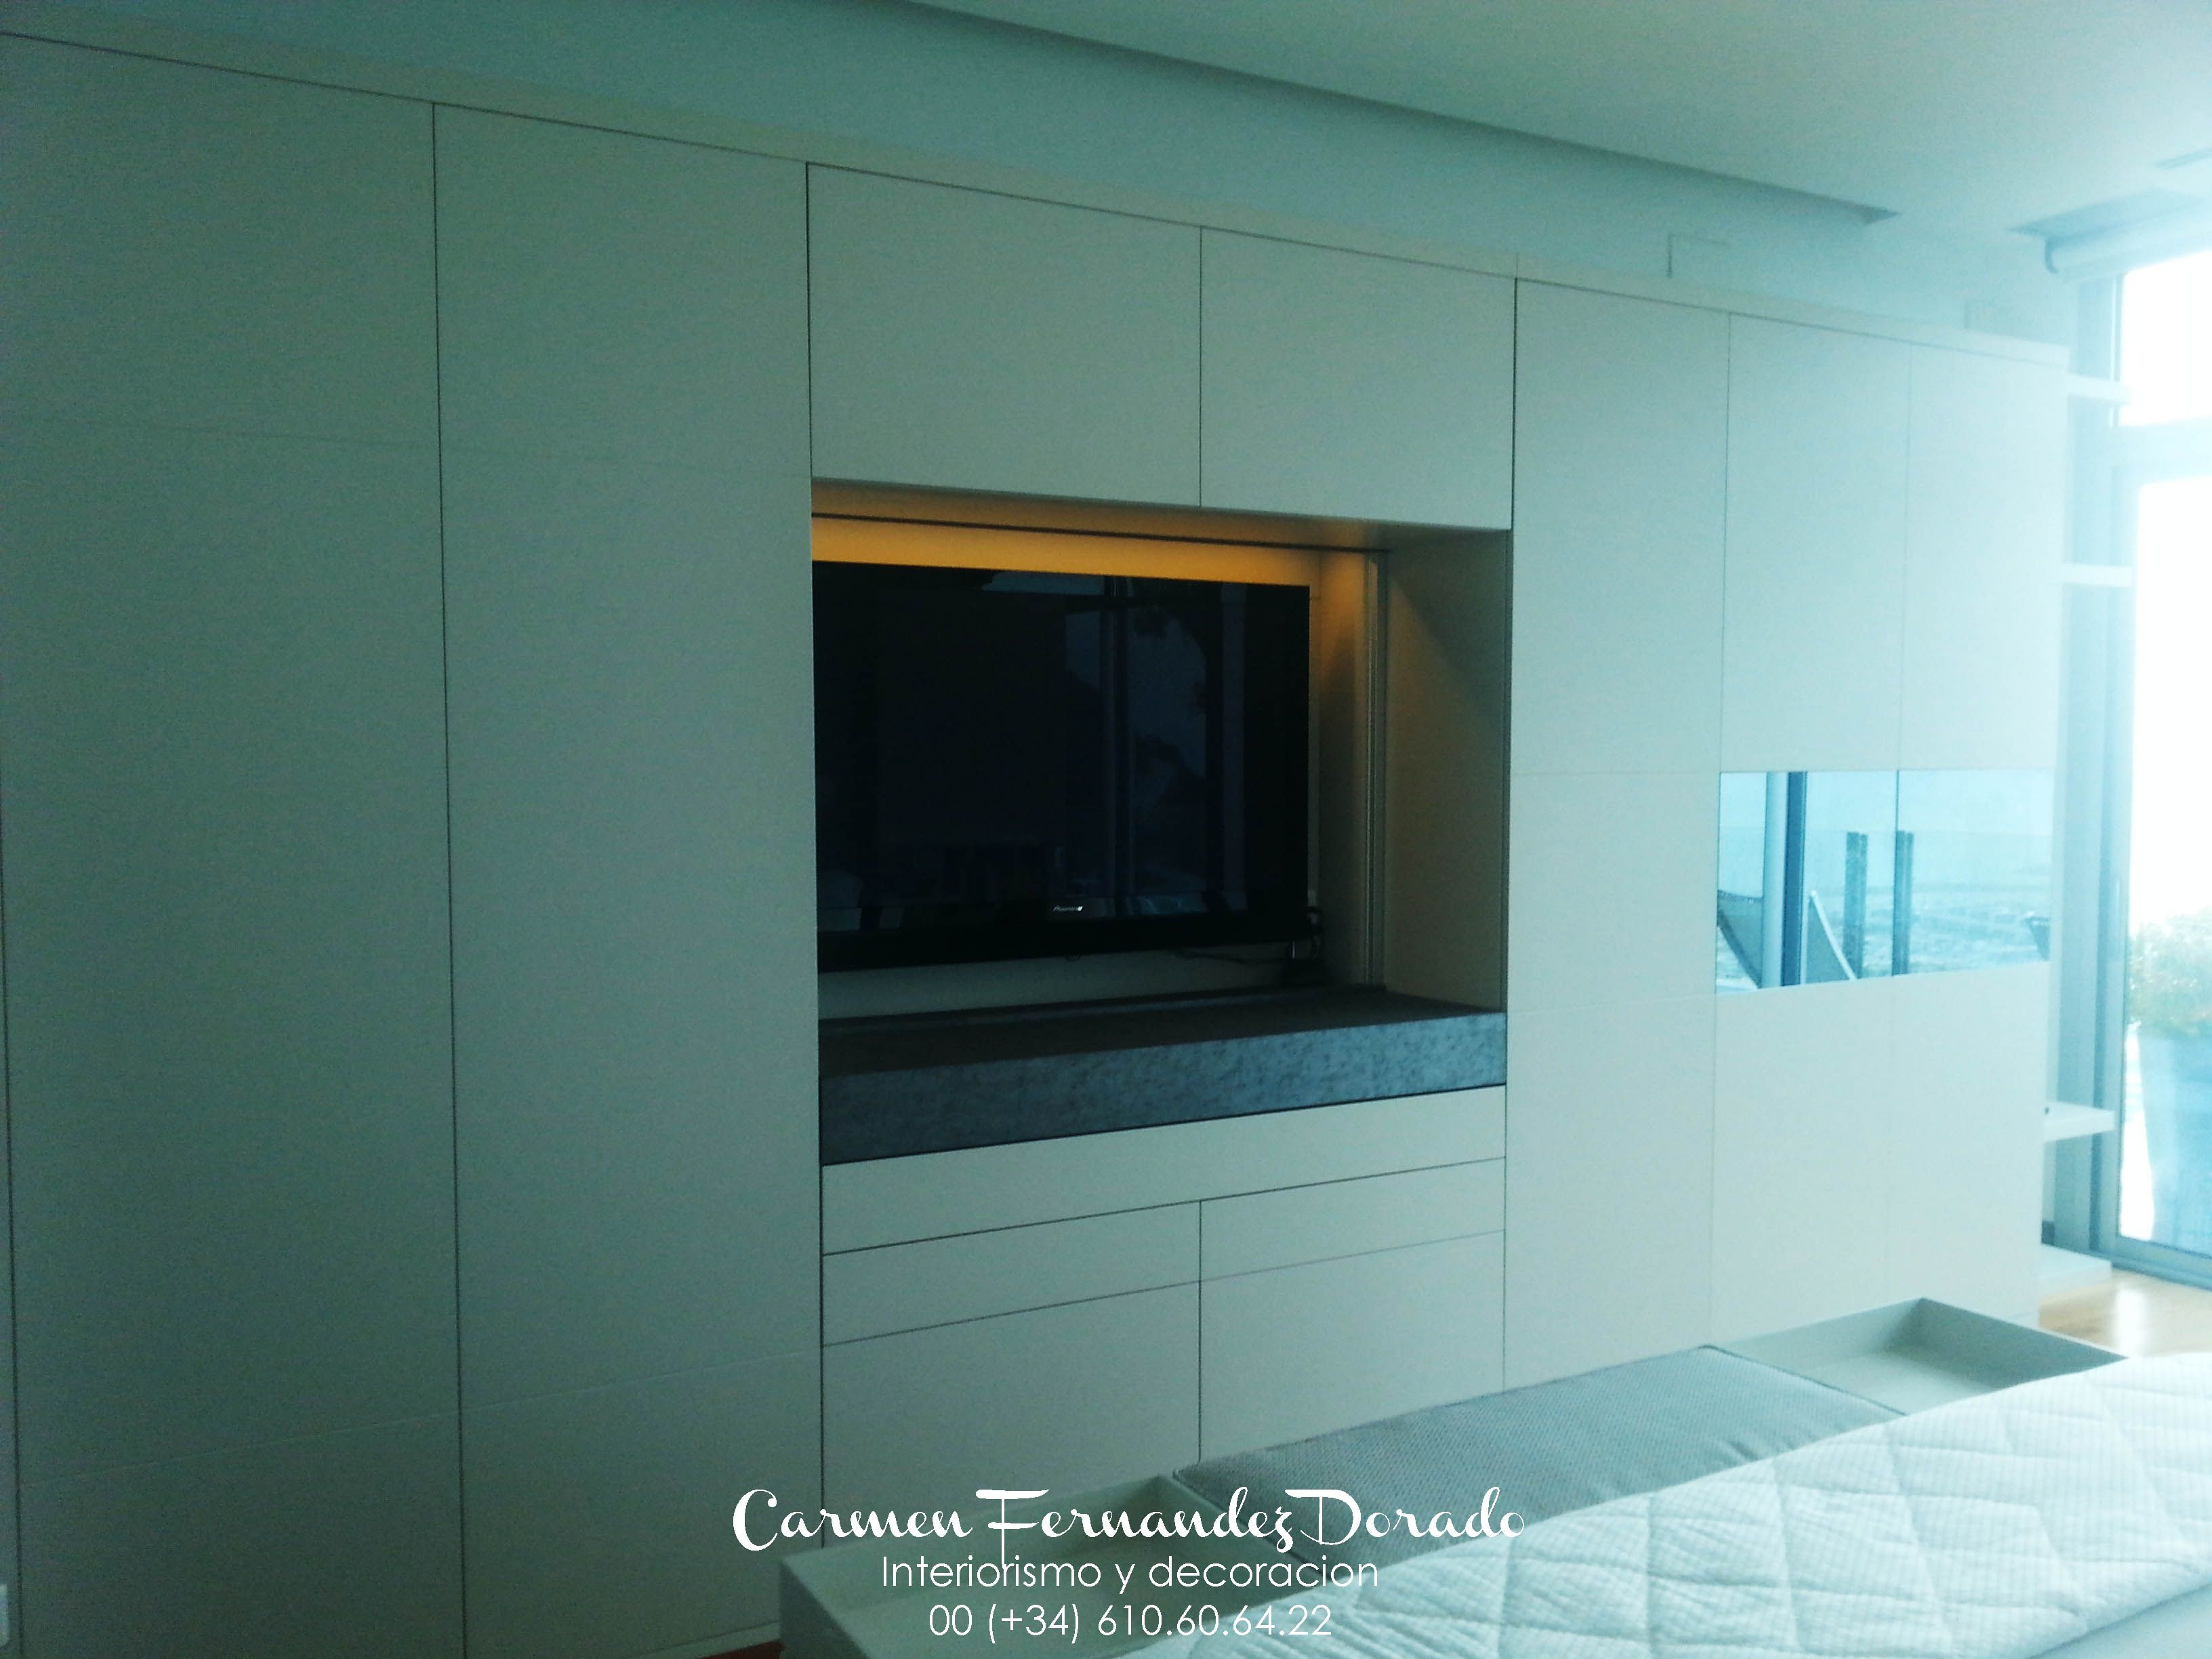 Artesanato Com Cd Passo A Passo ~ Diseño de armario personalizado TV integrada con puertas deslizantes Carmen Fernandez Dorado